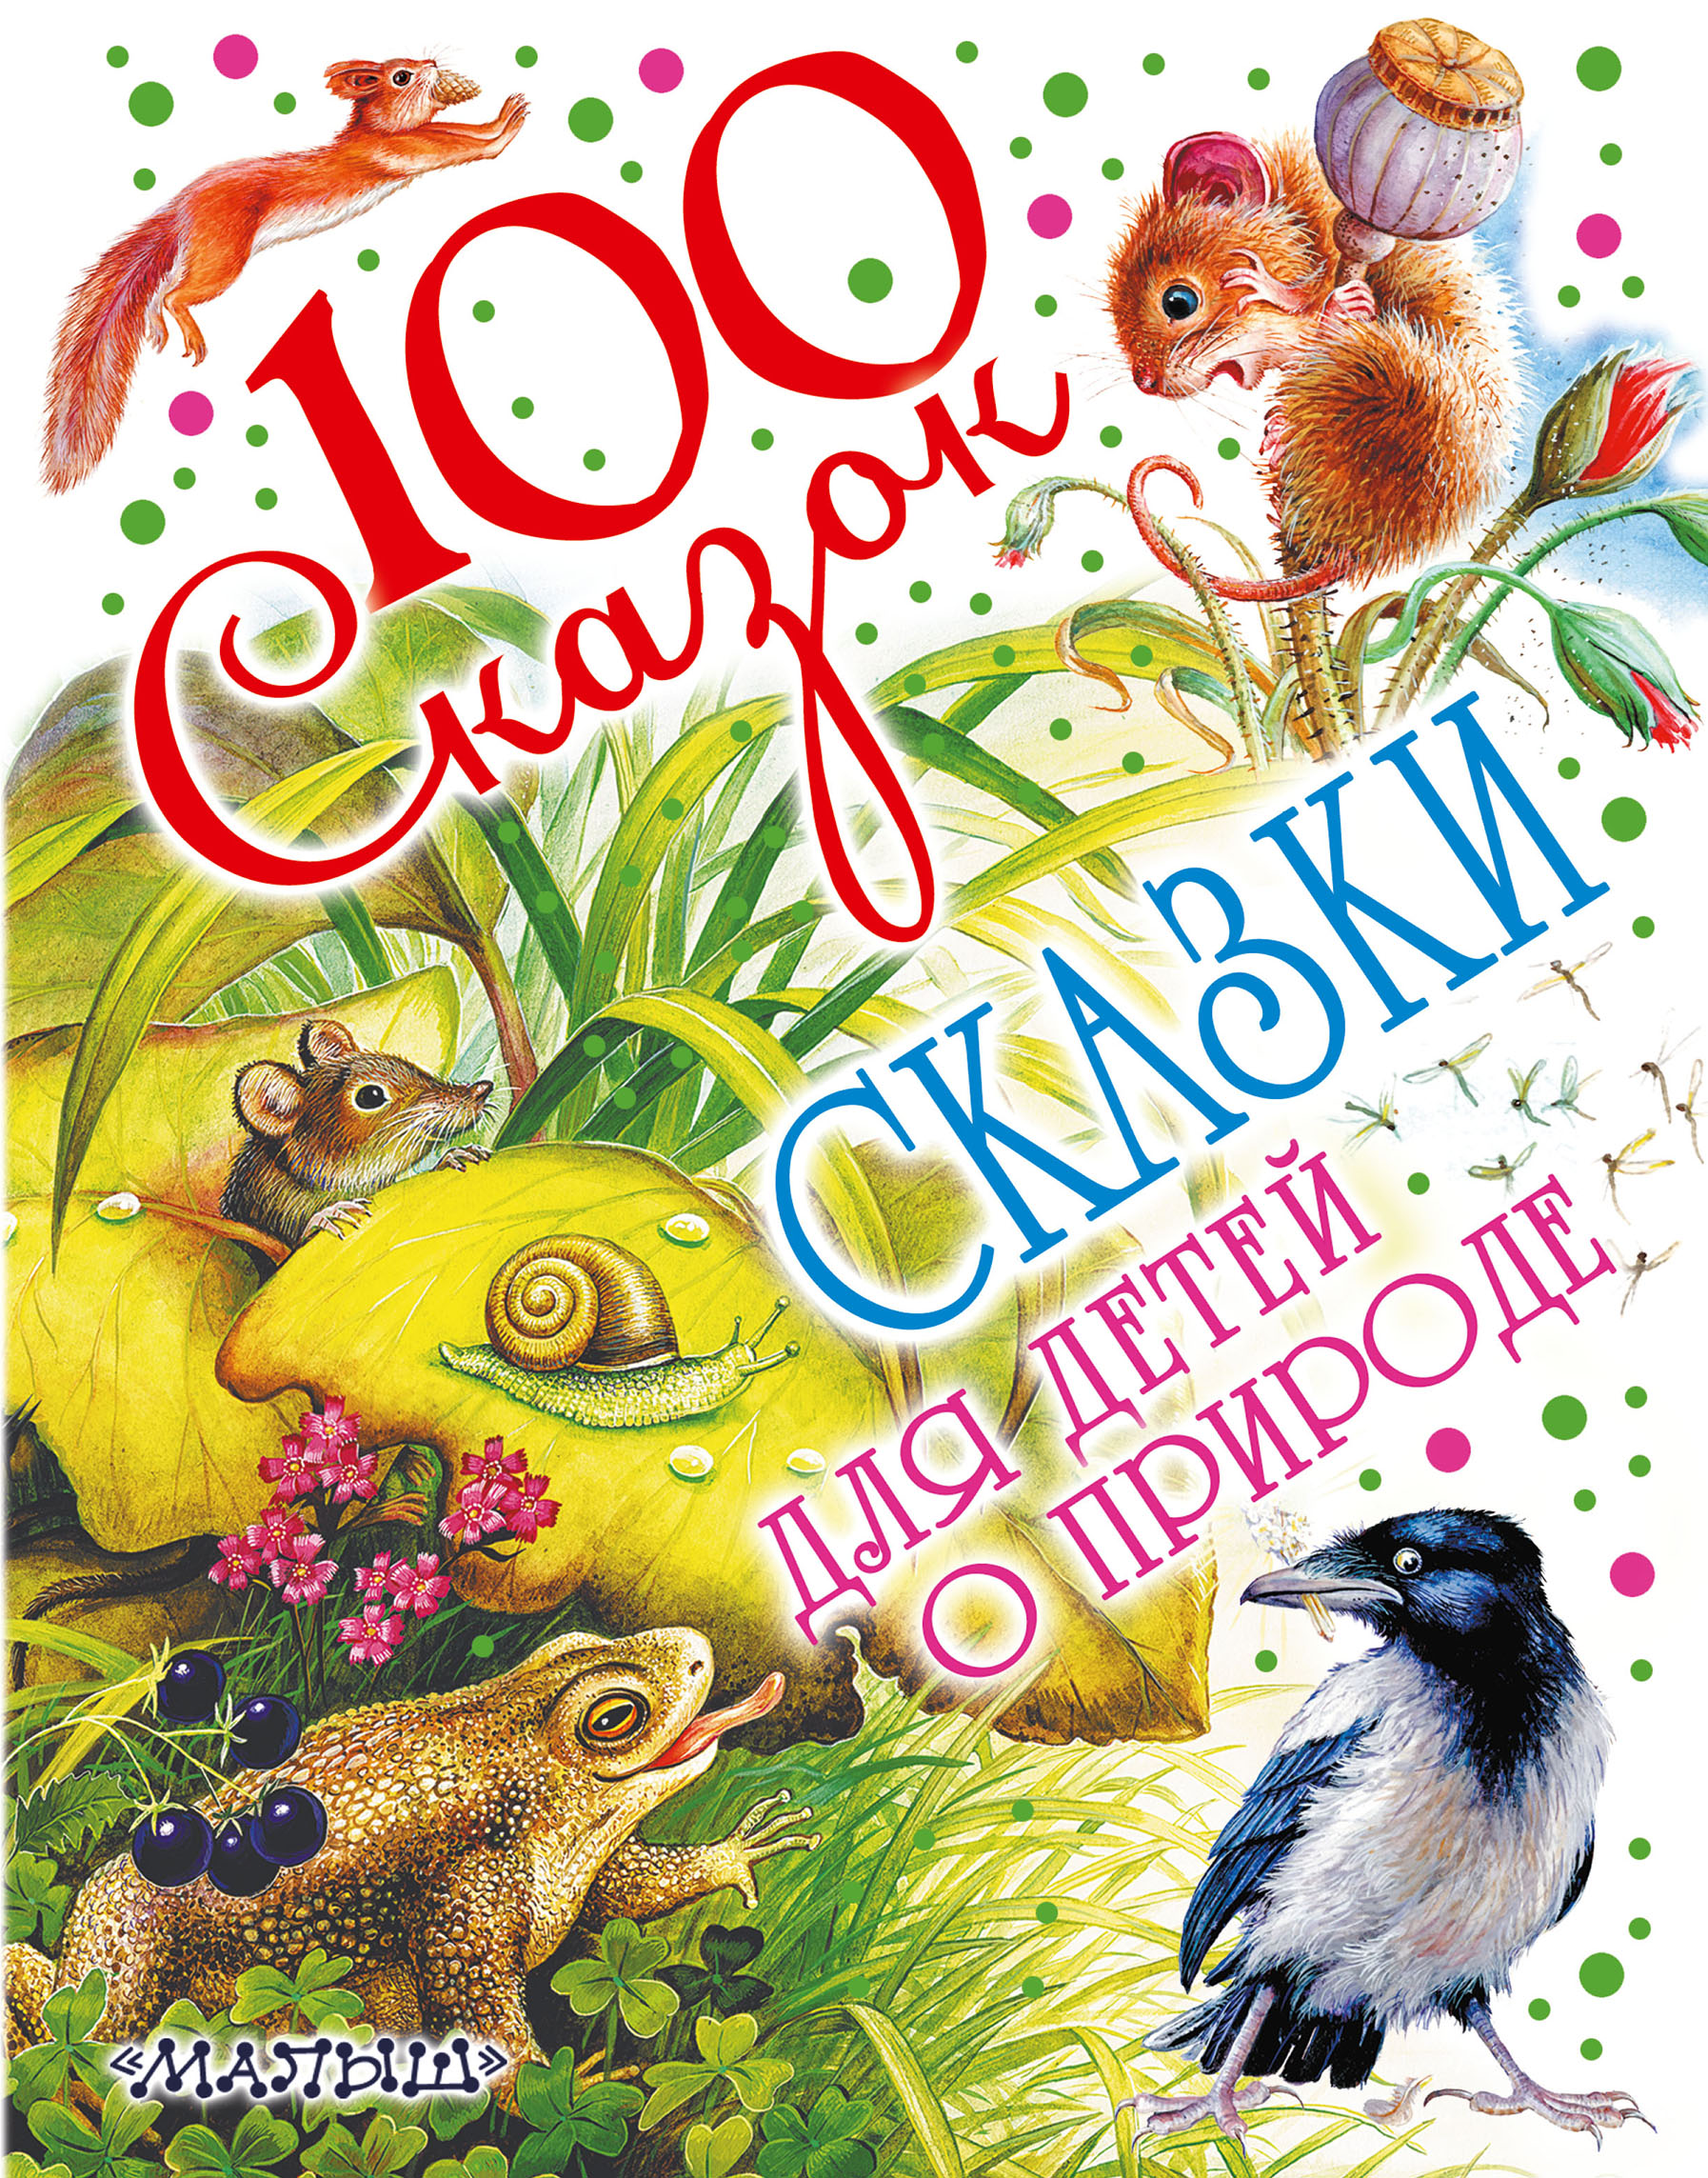 Виталий Бианки, Михаил Пришвин, Константин Паустовский Сказки для детей о природе